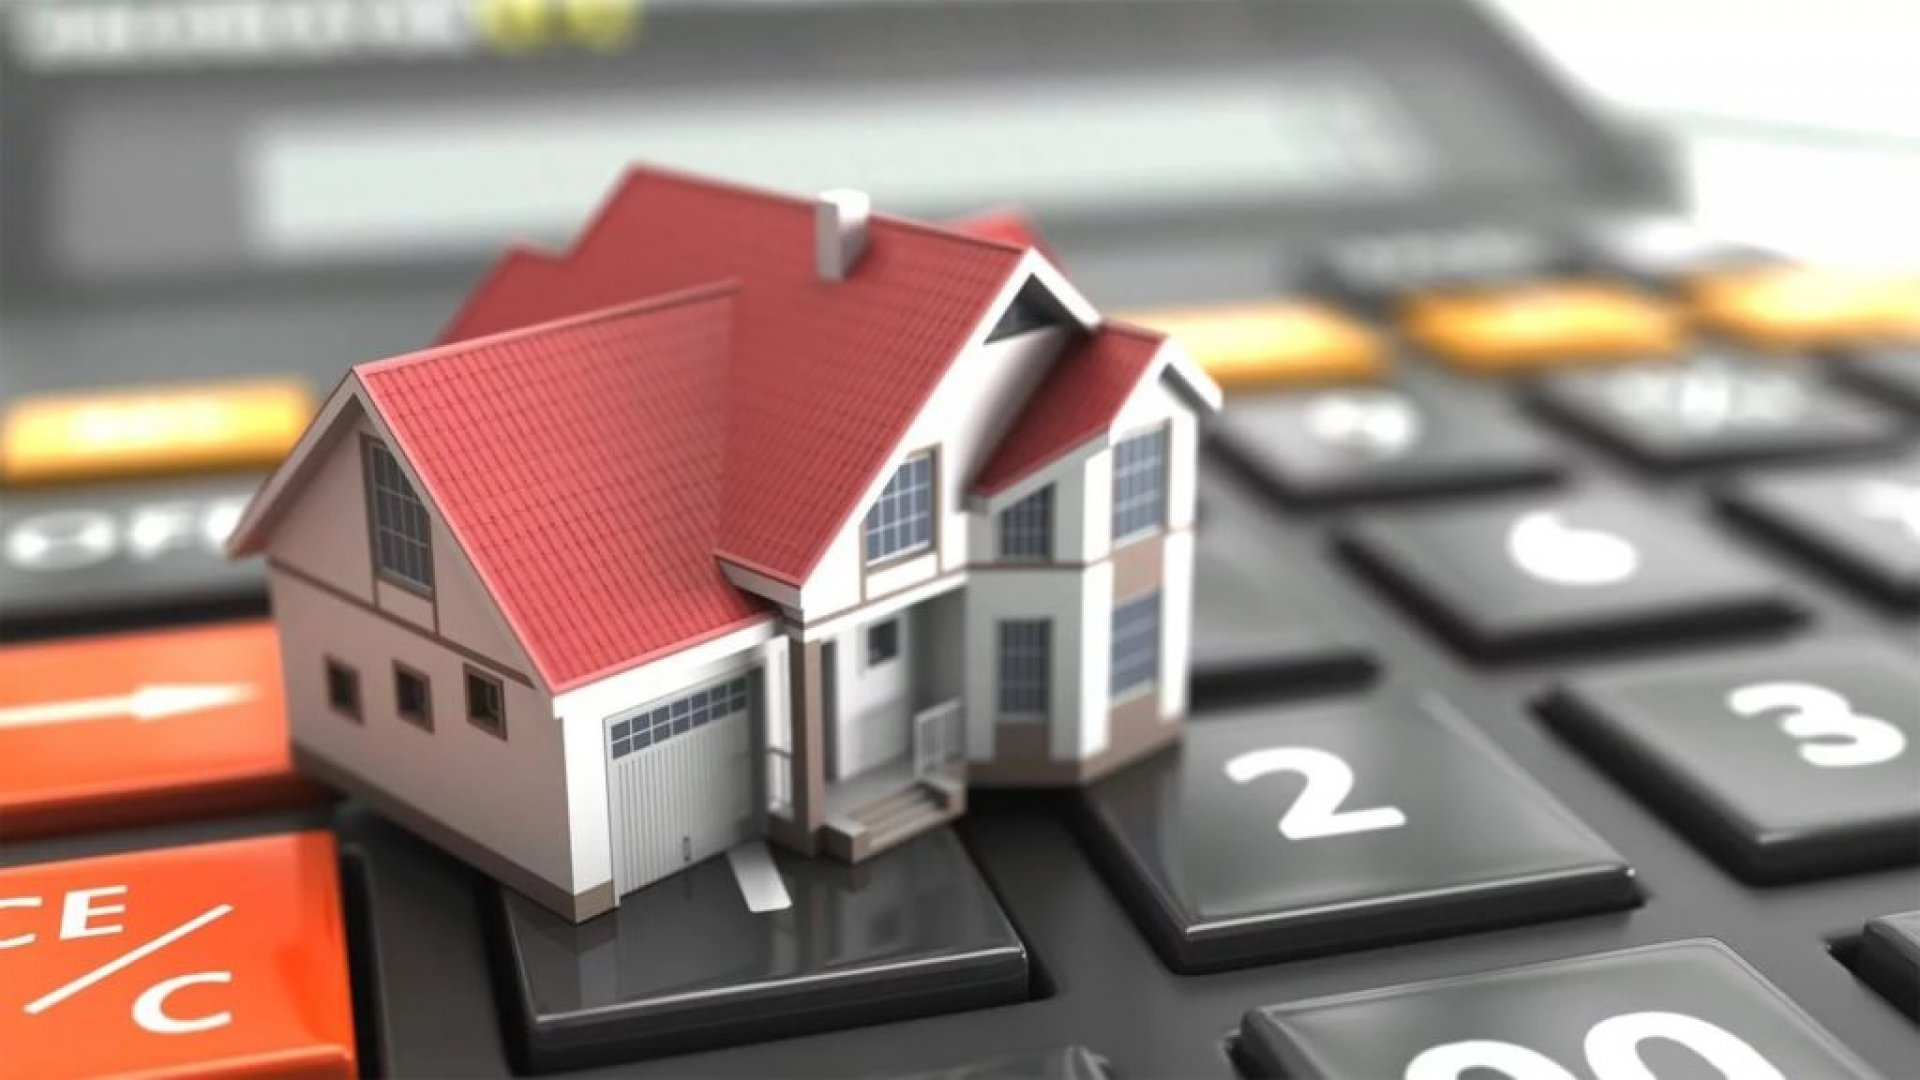 совкомбанк кредиты ипотека подать заявку на кредит в тинькофф банк наличными онлайн заявка